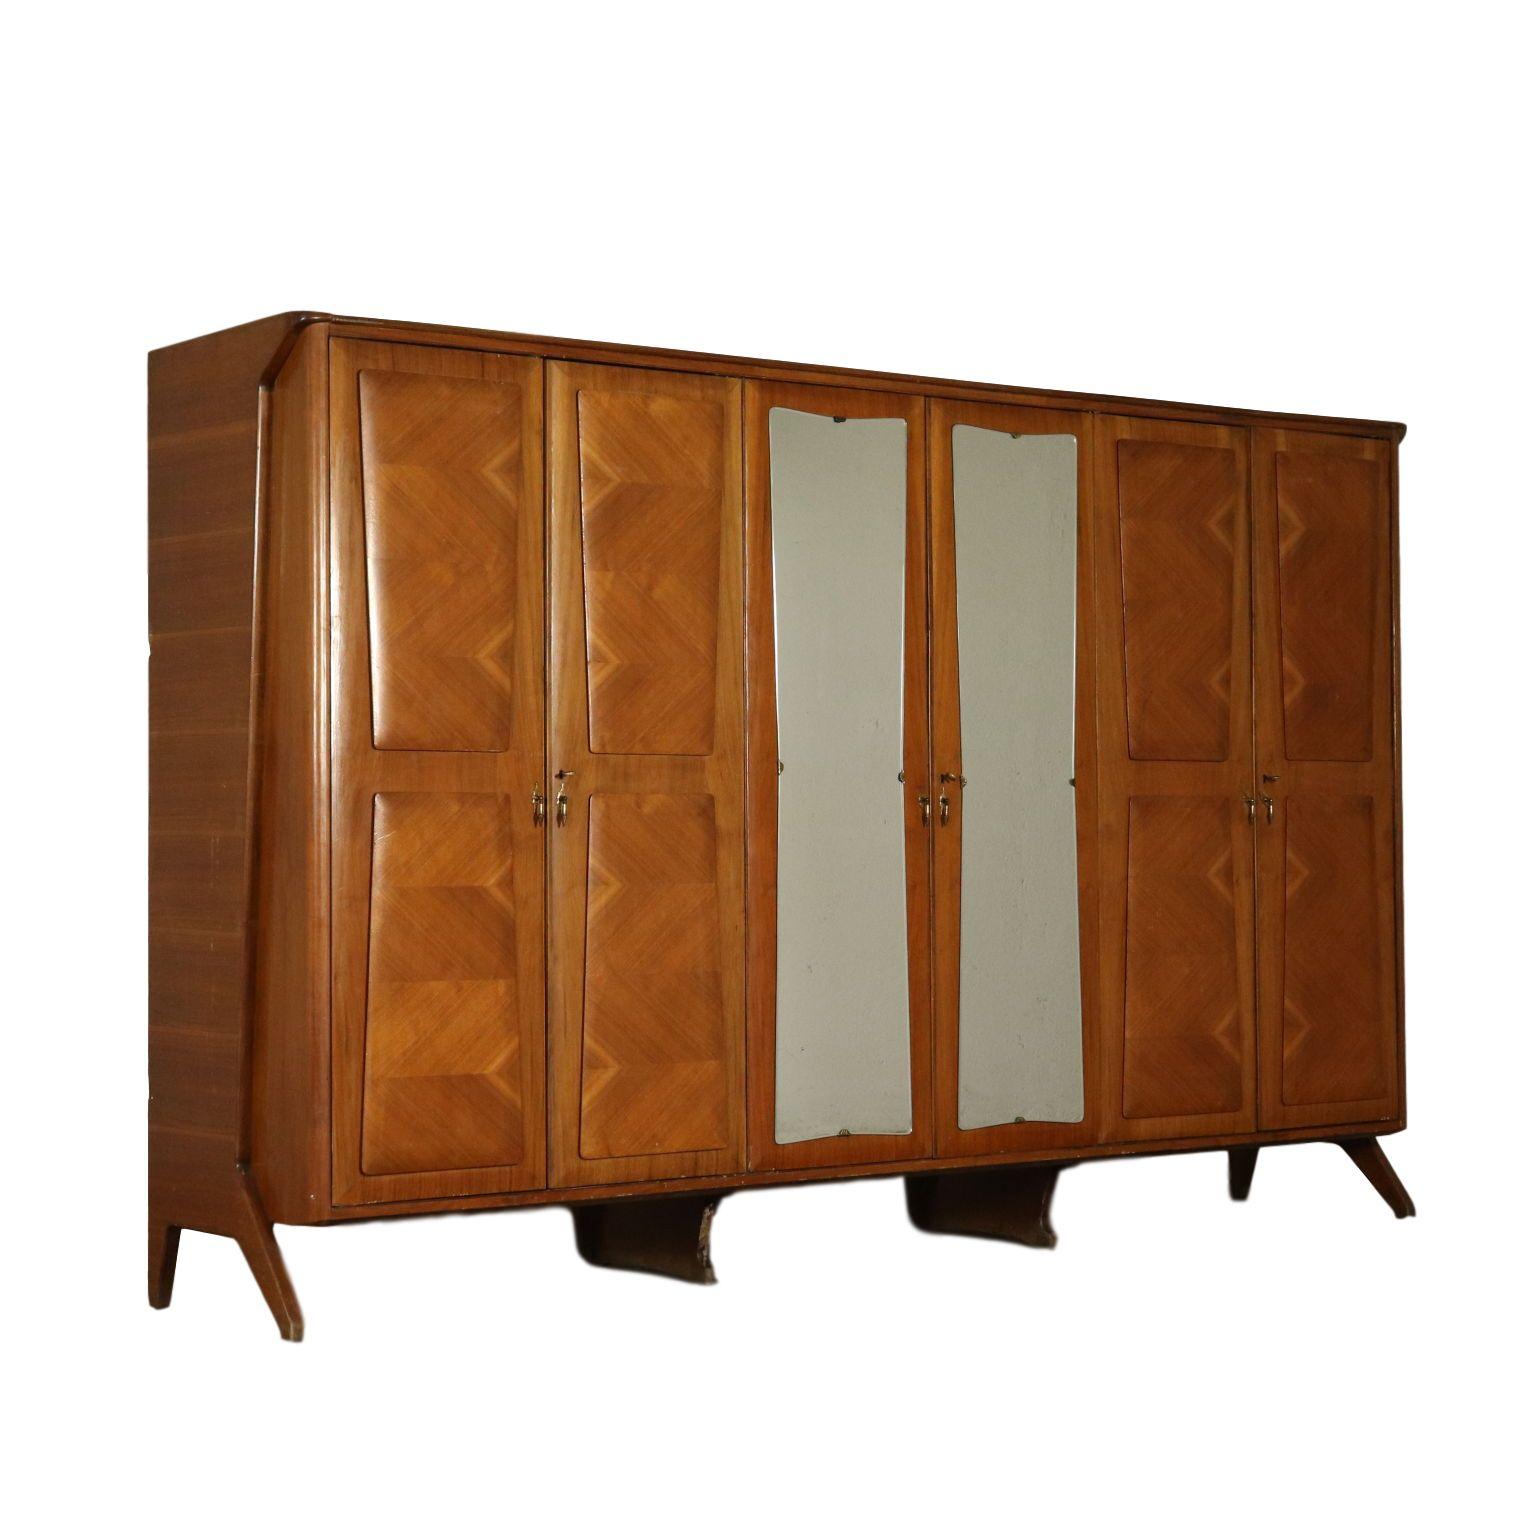 Kleiderschrank Mit Spiegel Nussbaum Furnier Vintage Italien 50er Jahre Mirrored Wardrobe Walnut Veneer Wooden Wardrobe